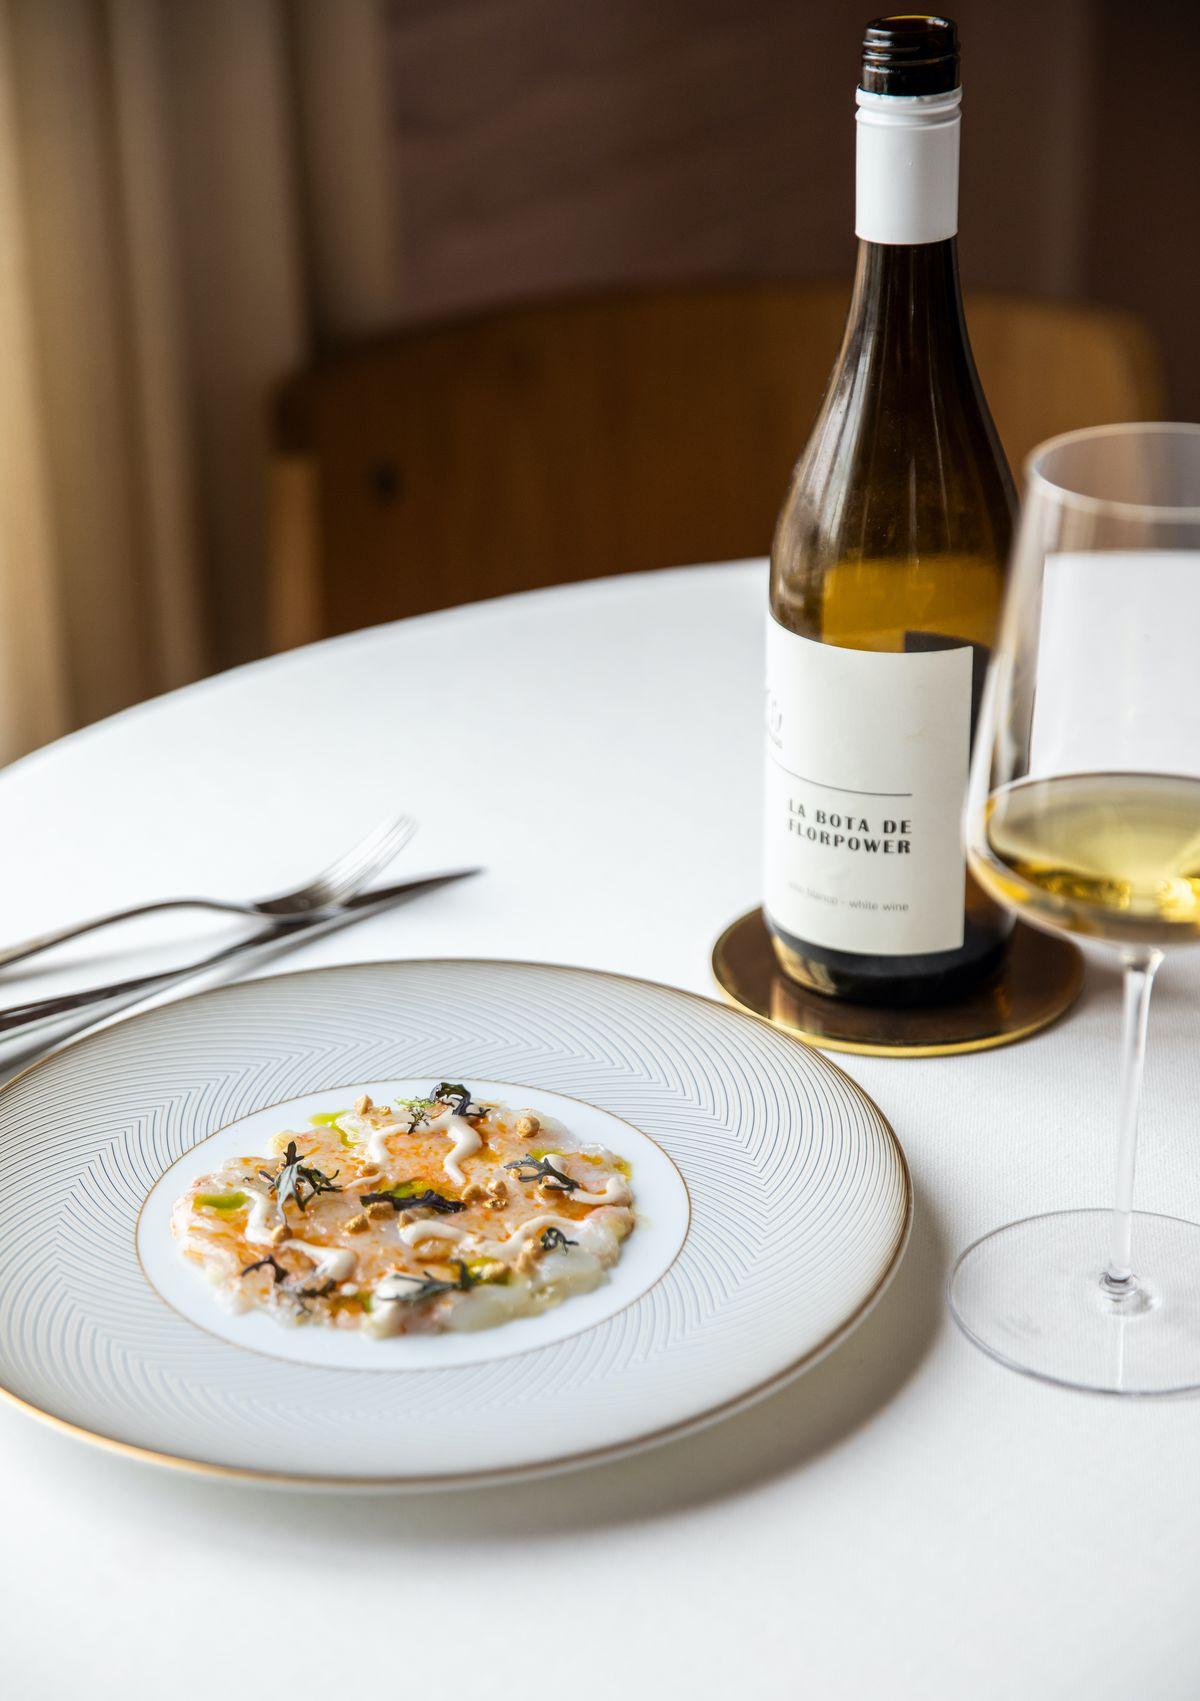 Một chiếc đĩa trắng viền vàng đựng một phần nhỏ cá crudo được trang trí với các loại rau thơm.  Bên cạnh có một ly rượu trắng và một cái chai.